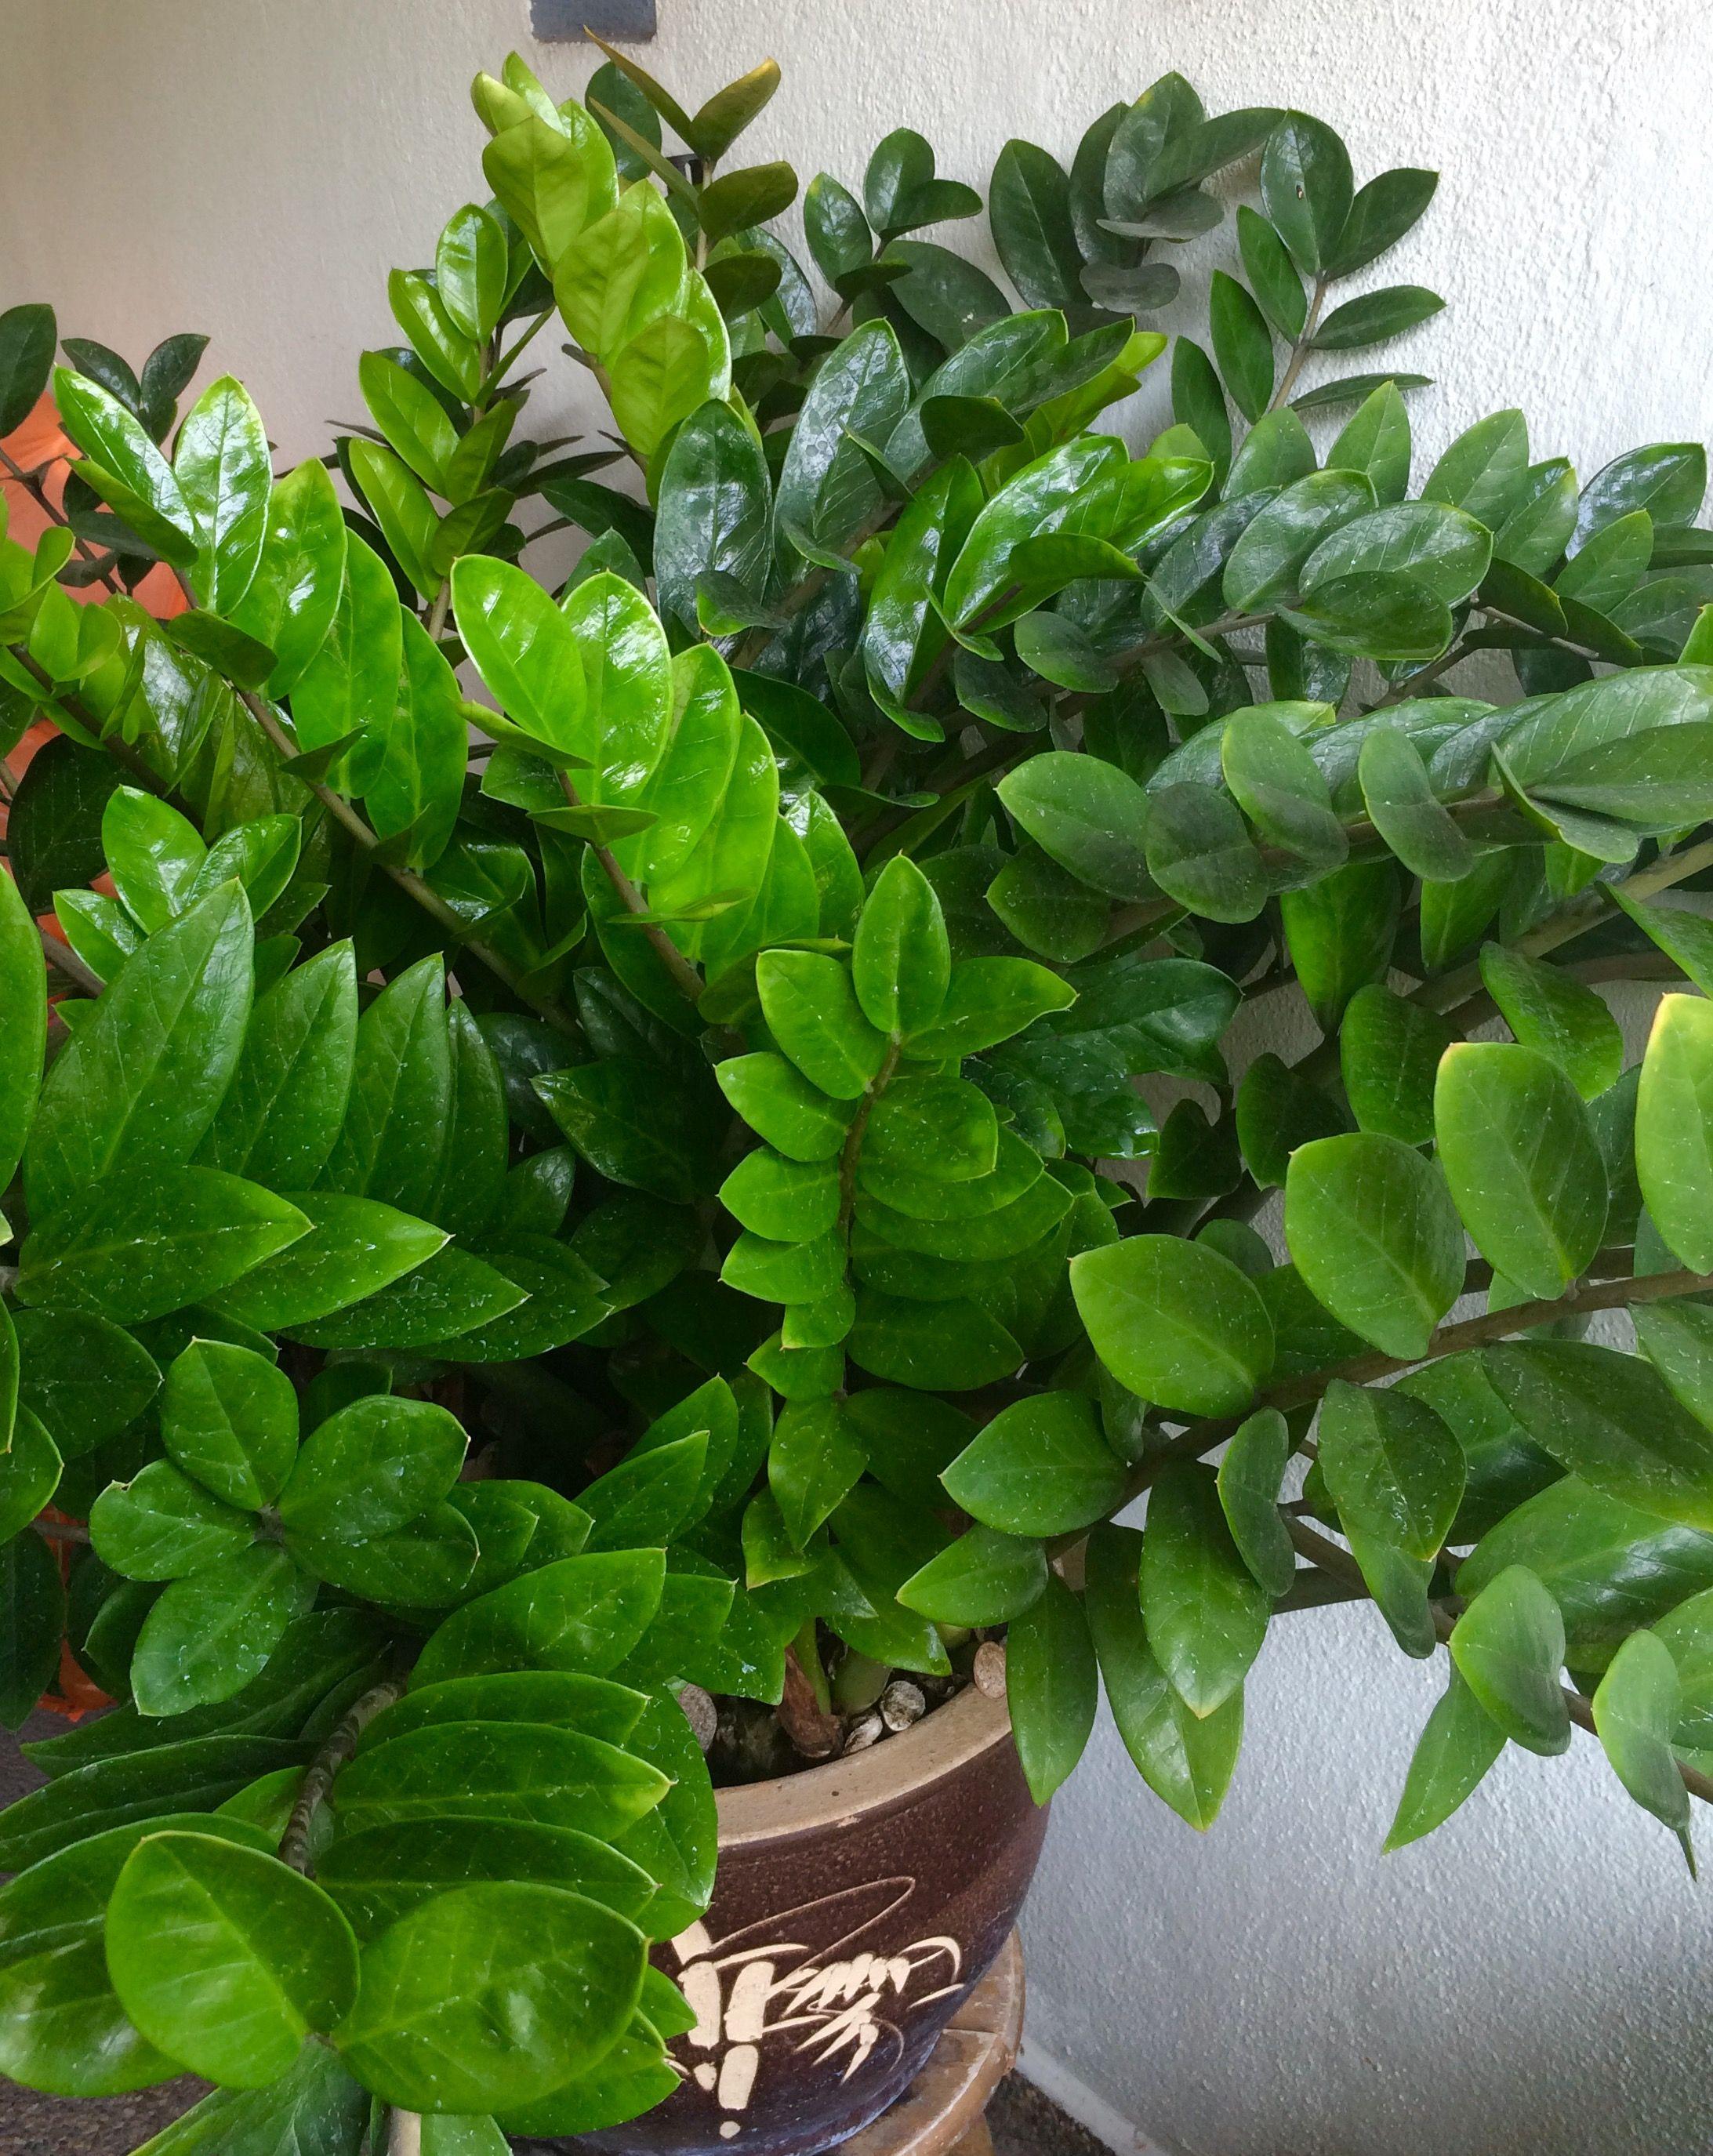 Zamioculcas Zamifolia Or The Zz Plant Say Zee Zee Is Quite An